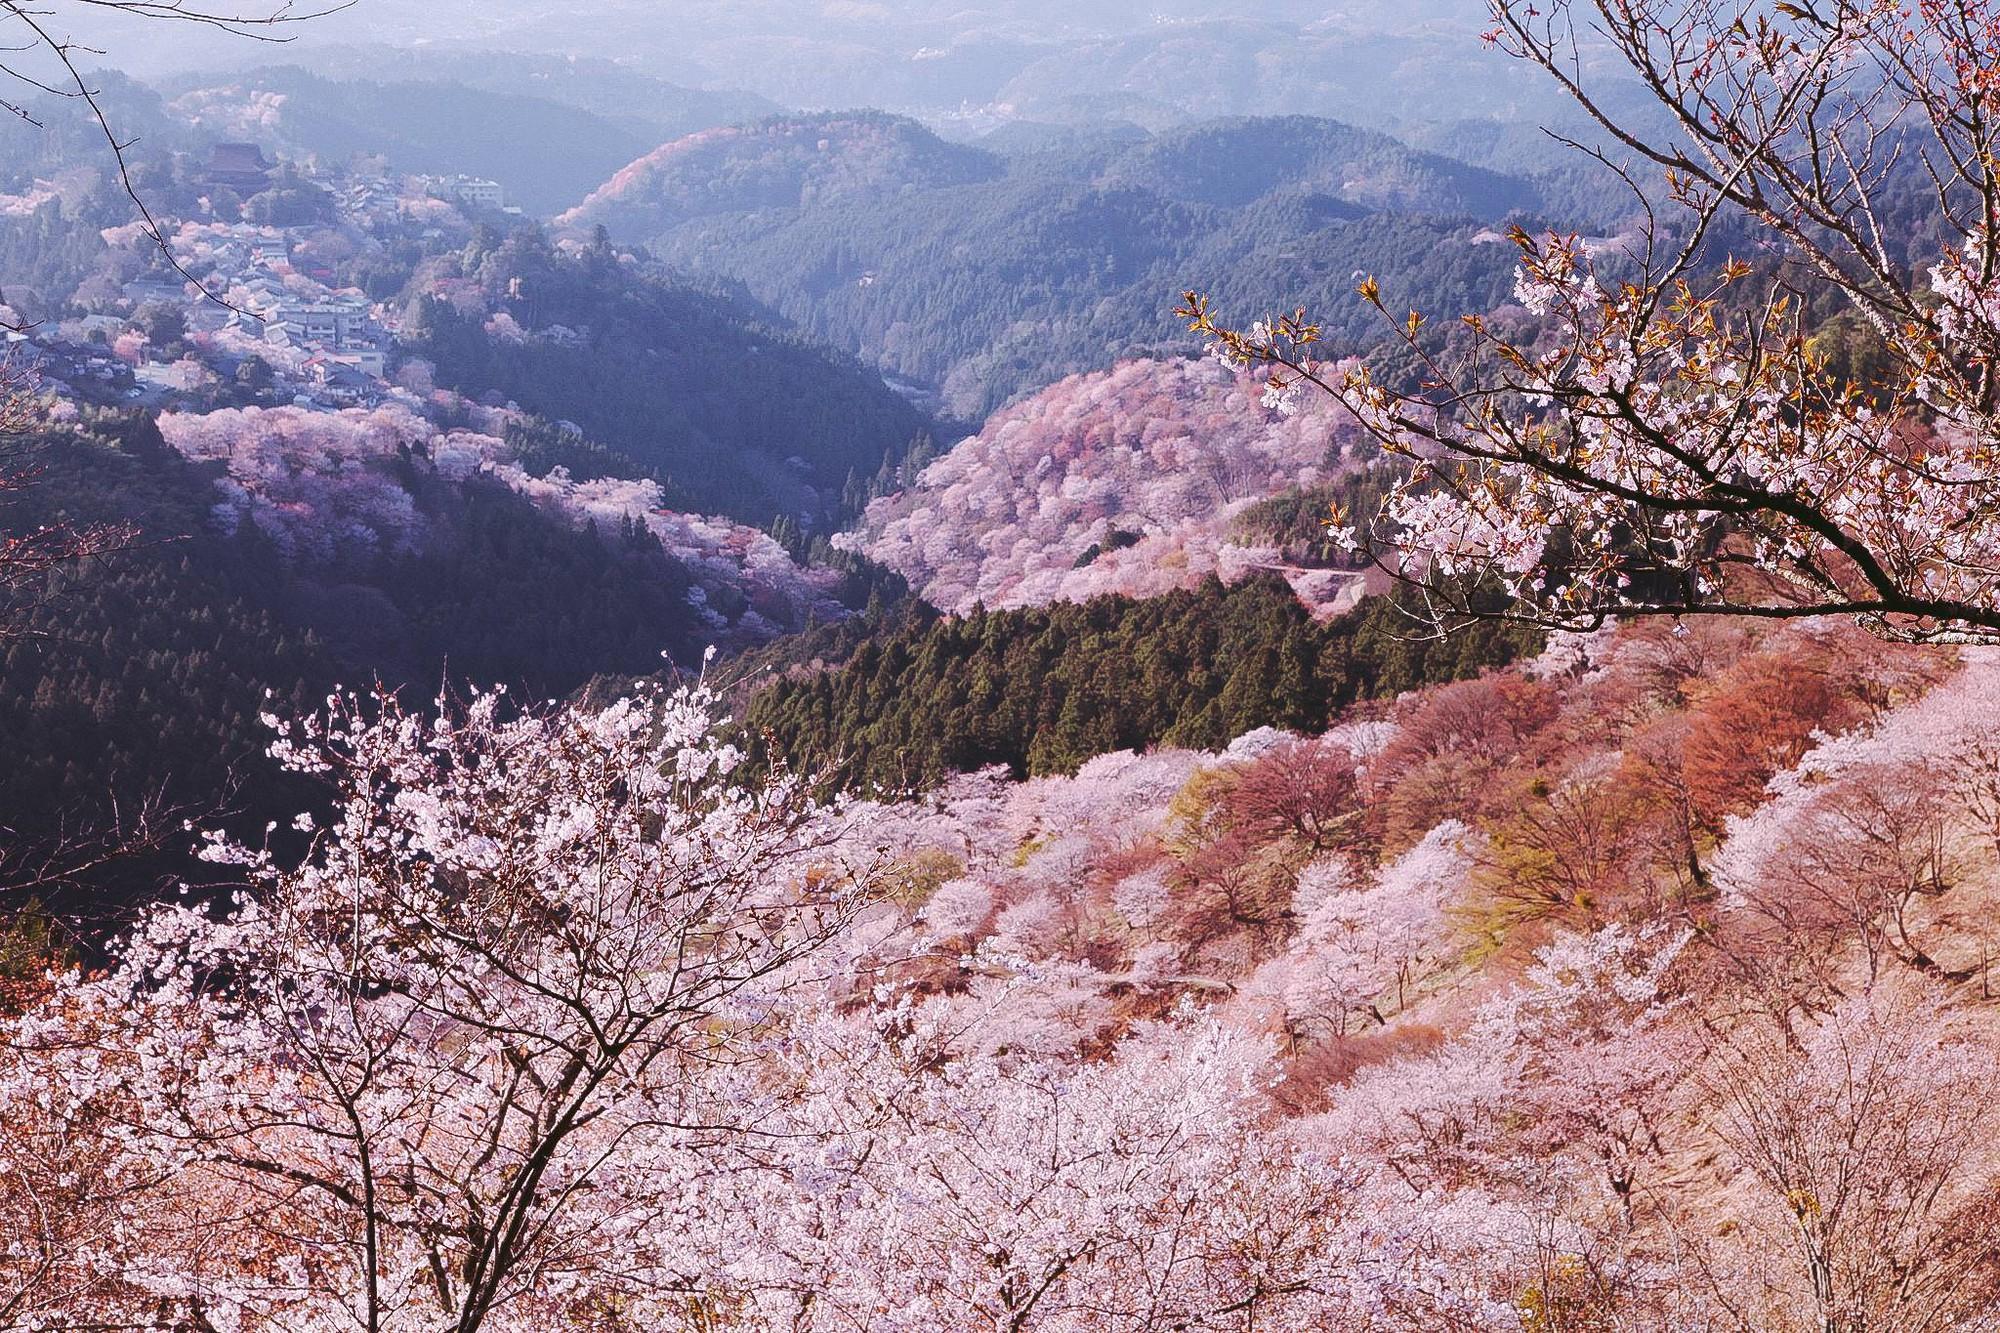 Quên Tokyo hay Kyoto đi, đây mới là nơi có nhiều hoa anh đào nhất Nhật Bản này! - Ảnh 10.